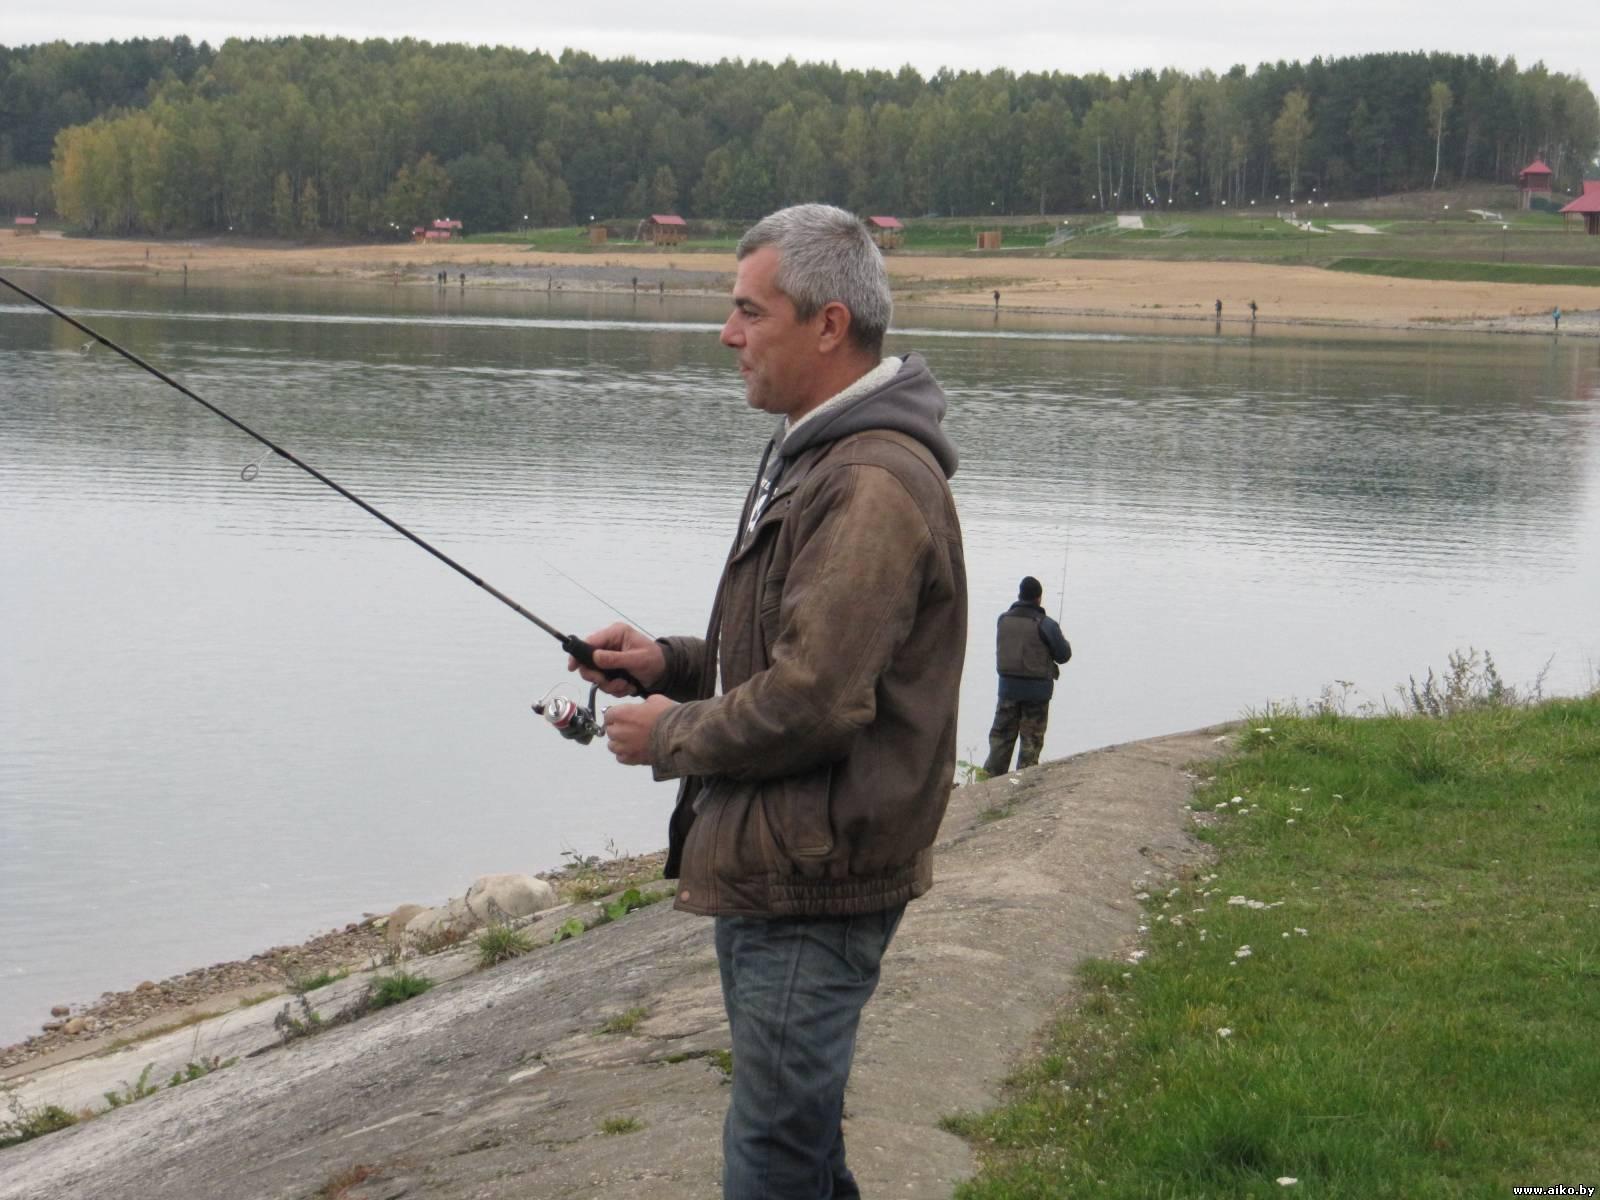 Рыболовные снасти и товары для рыбалки